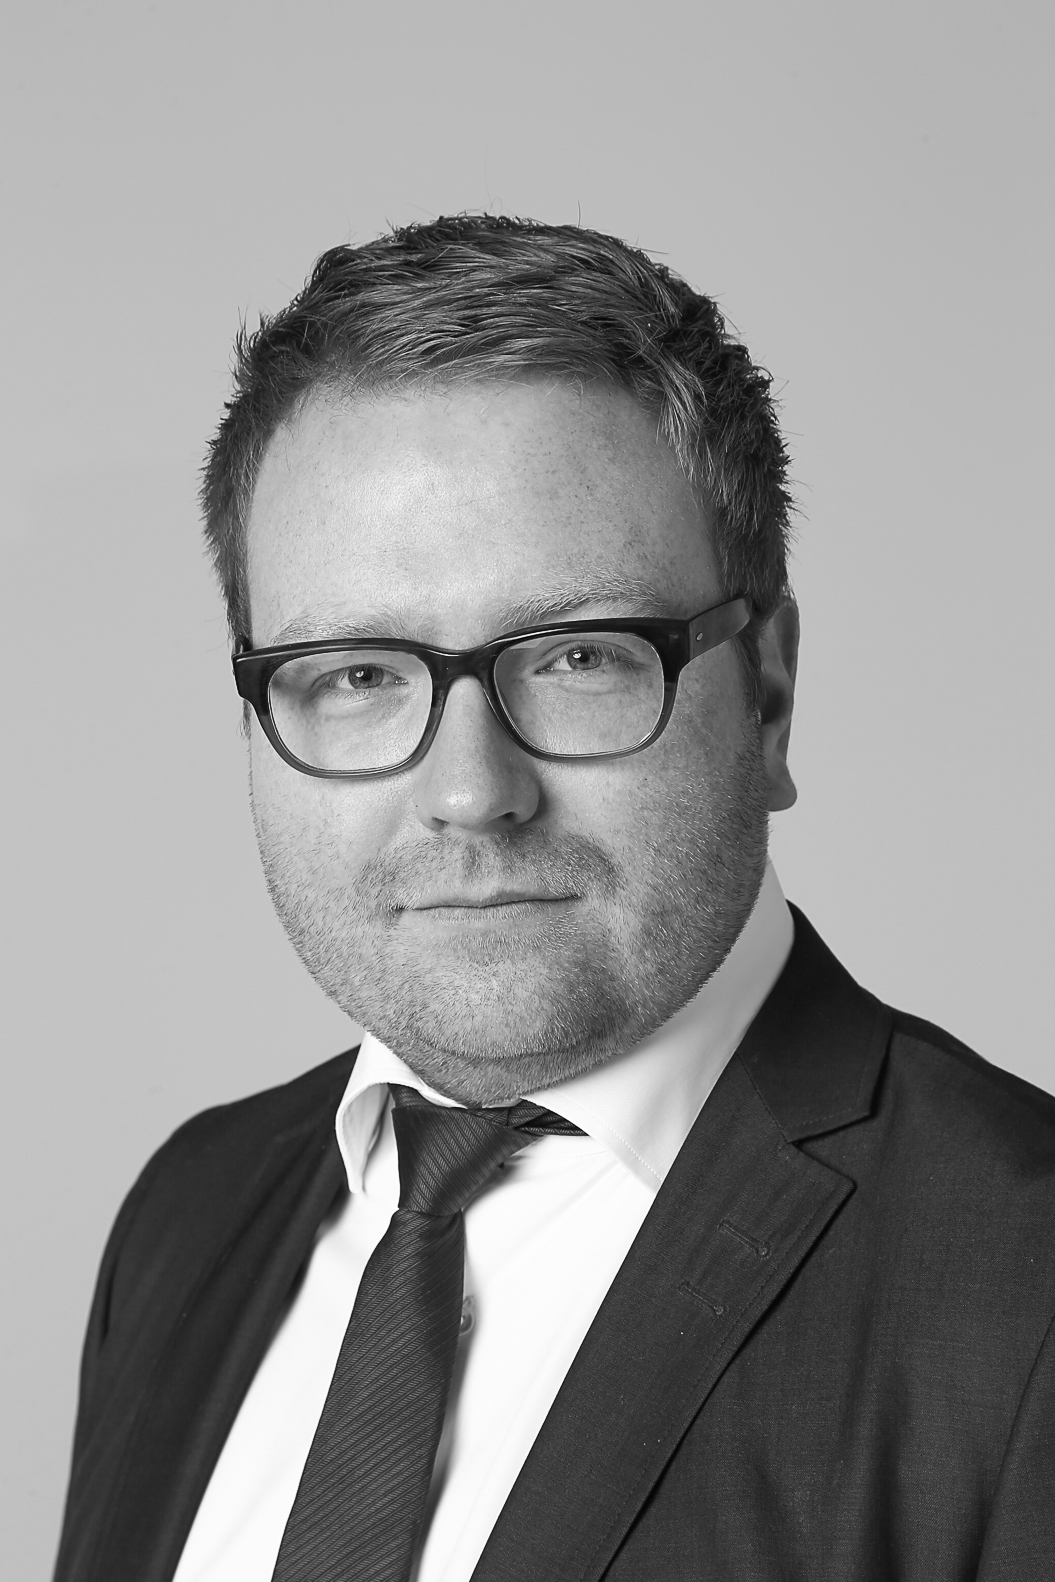 Ólafur Freyr Frímannsson